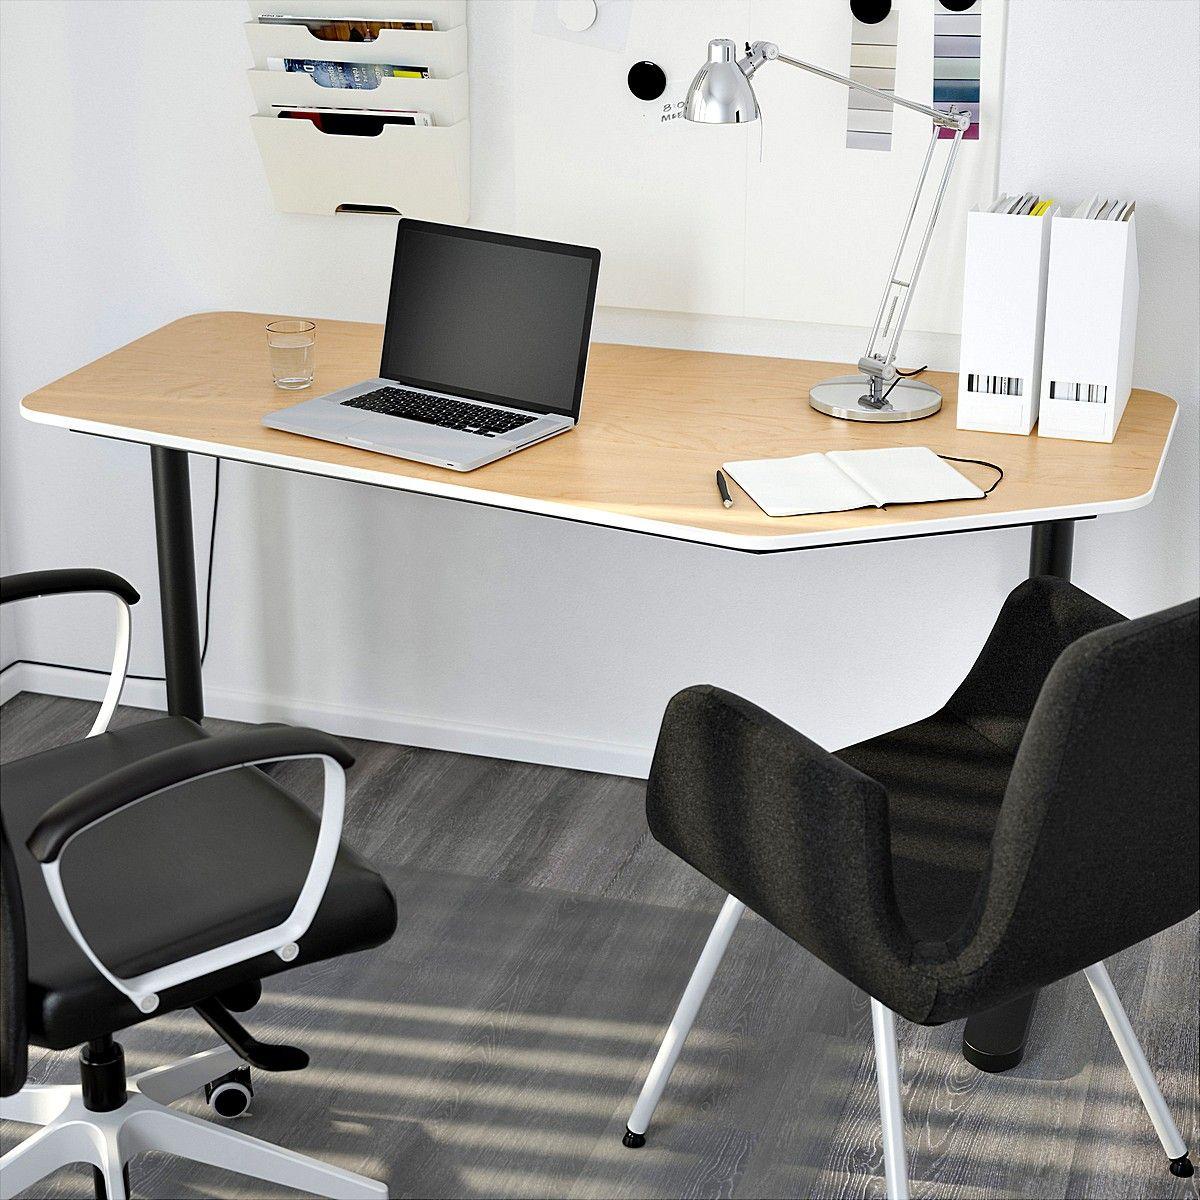 ikea bekant 5 sided desk for office minimalist desk pinterest. Black Bedroom Furniture Sets. Home Design Ideas